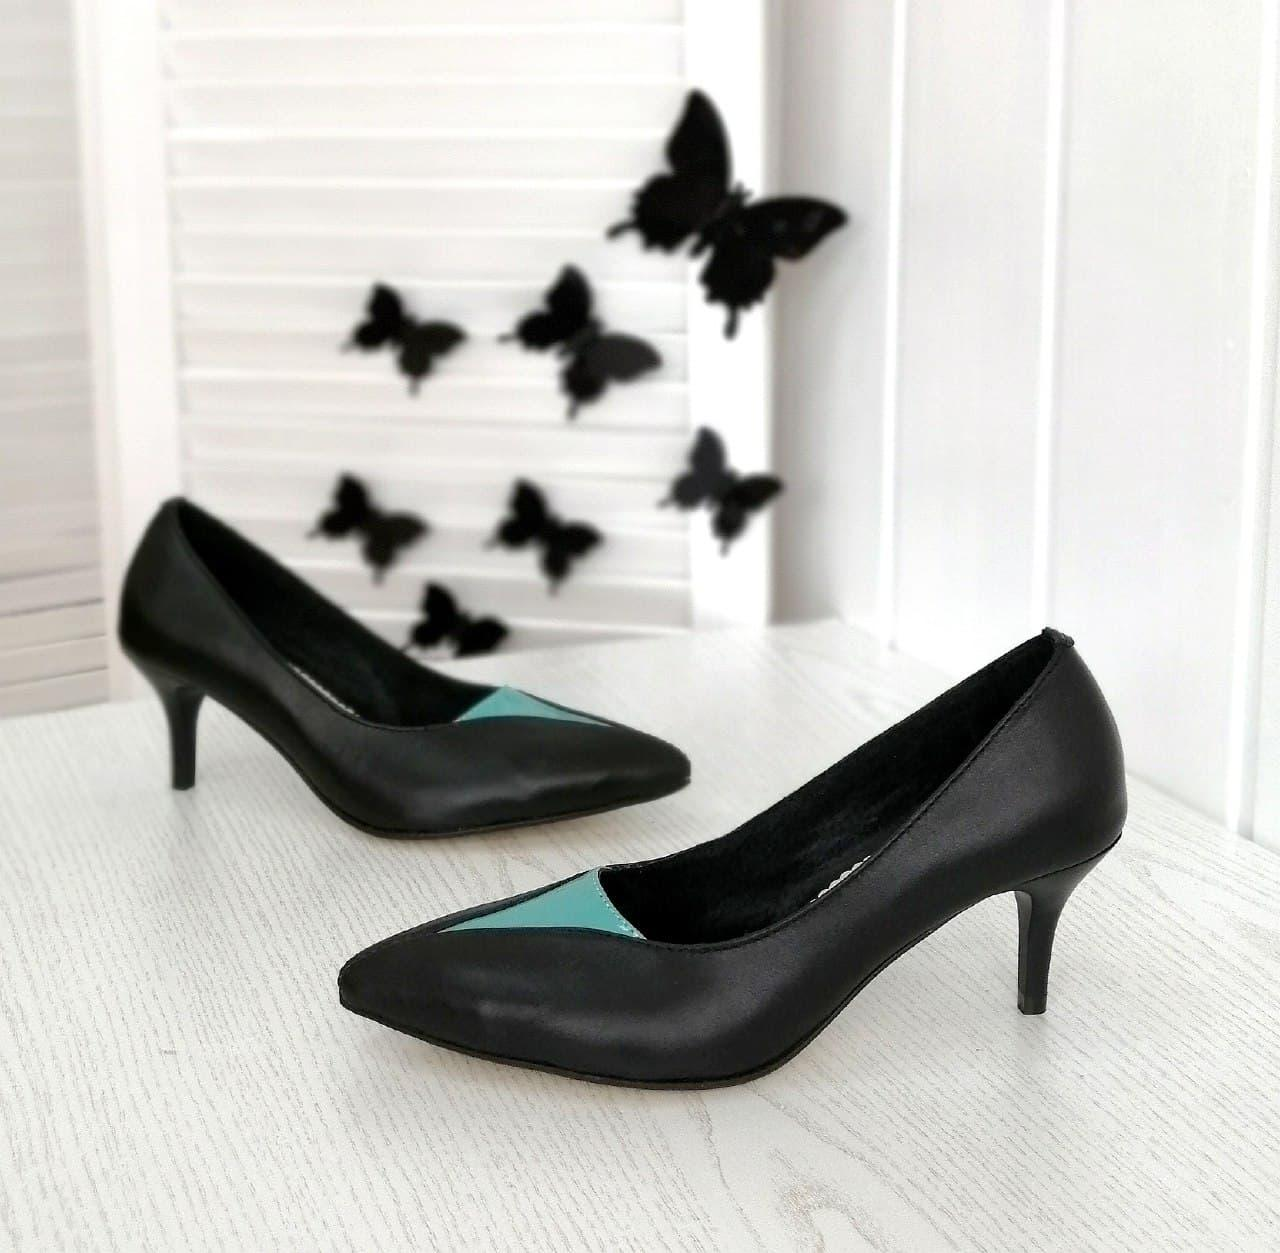 Остроносые туфли черного цвета на шпильке в наличии